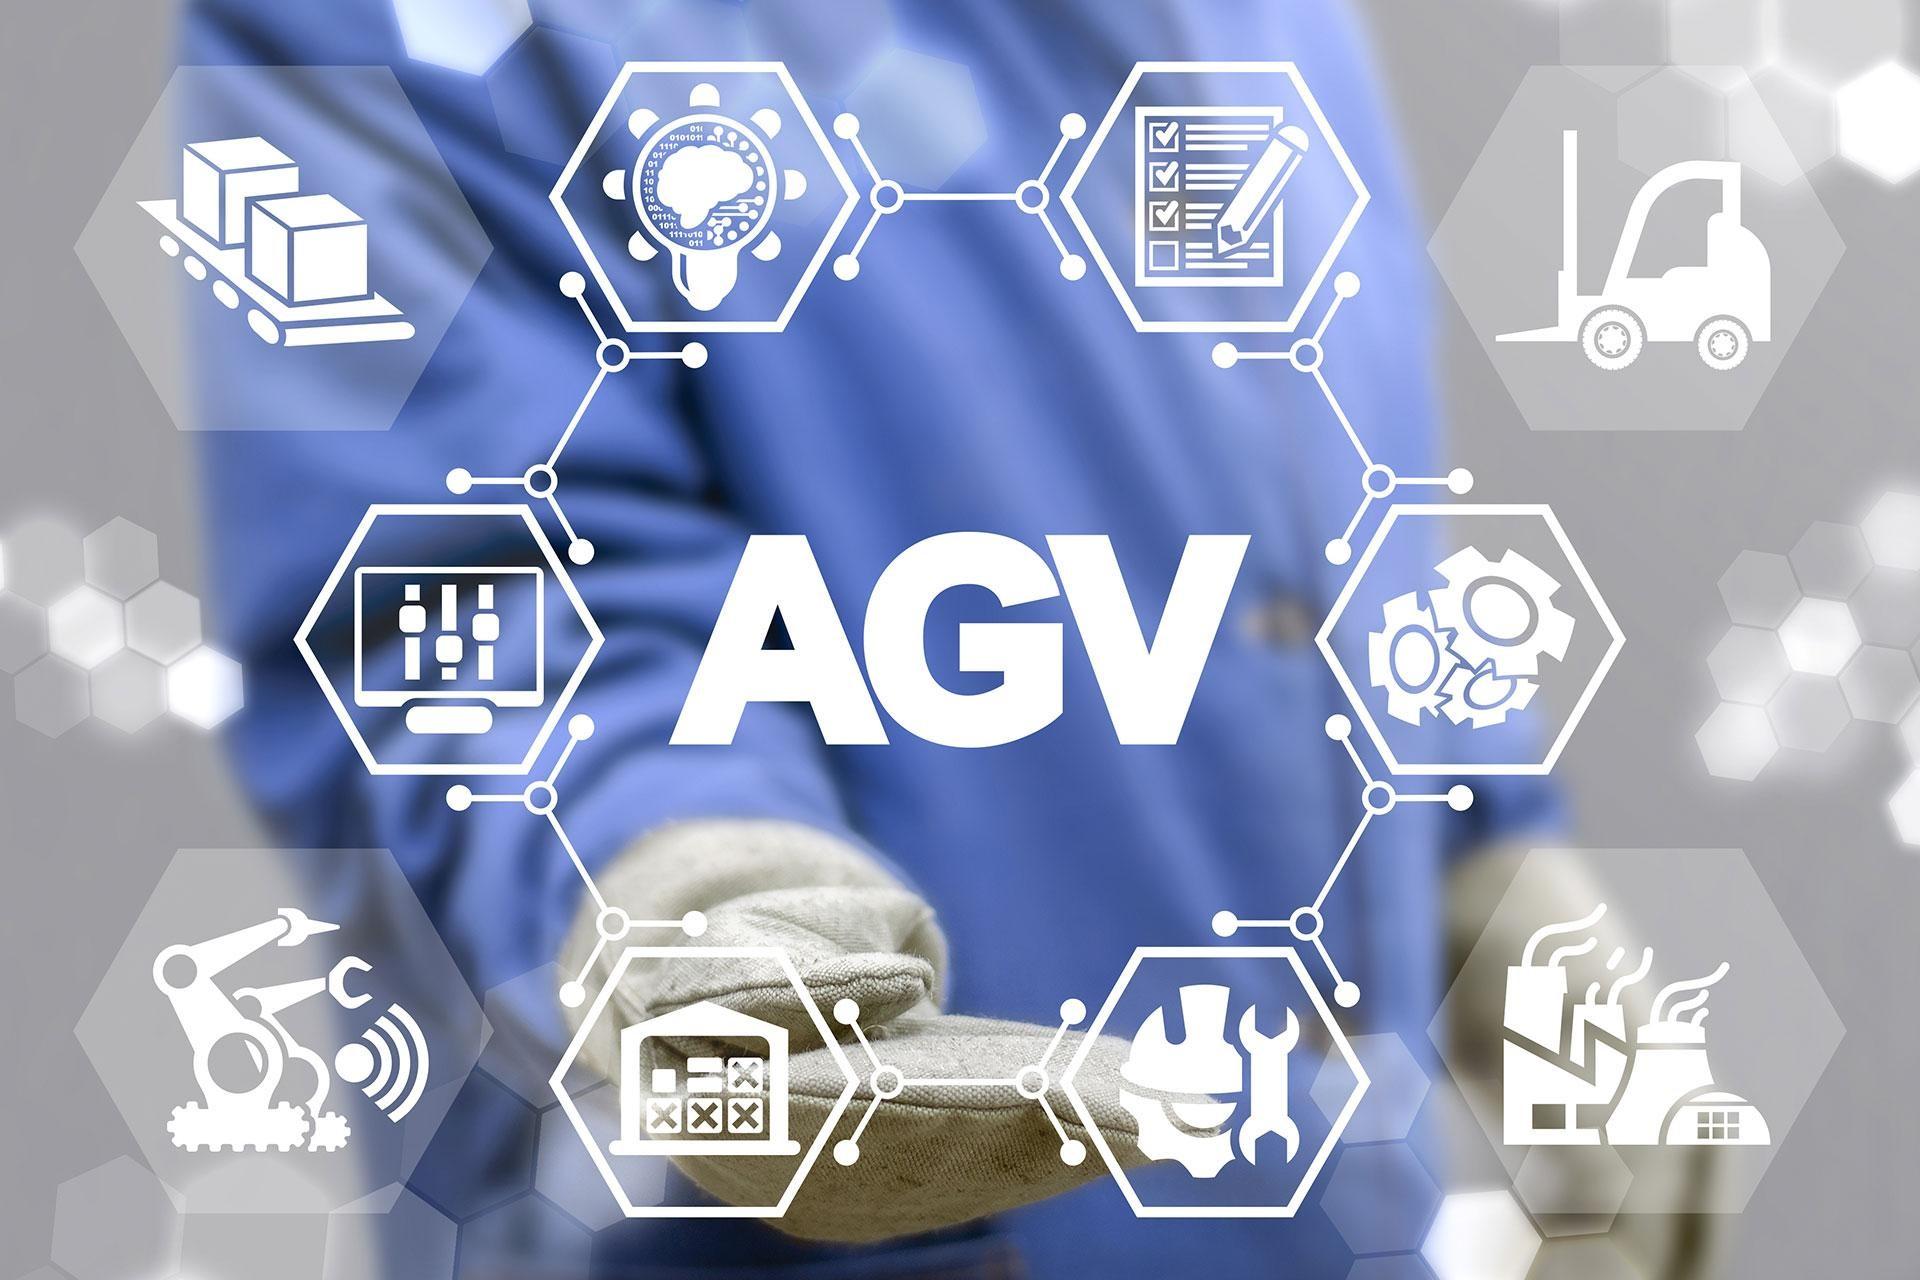 ロボット Insight 物流の課題を解決するAGV(無人搬送車)の最新動向